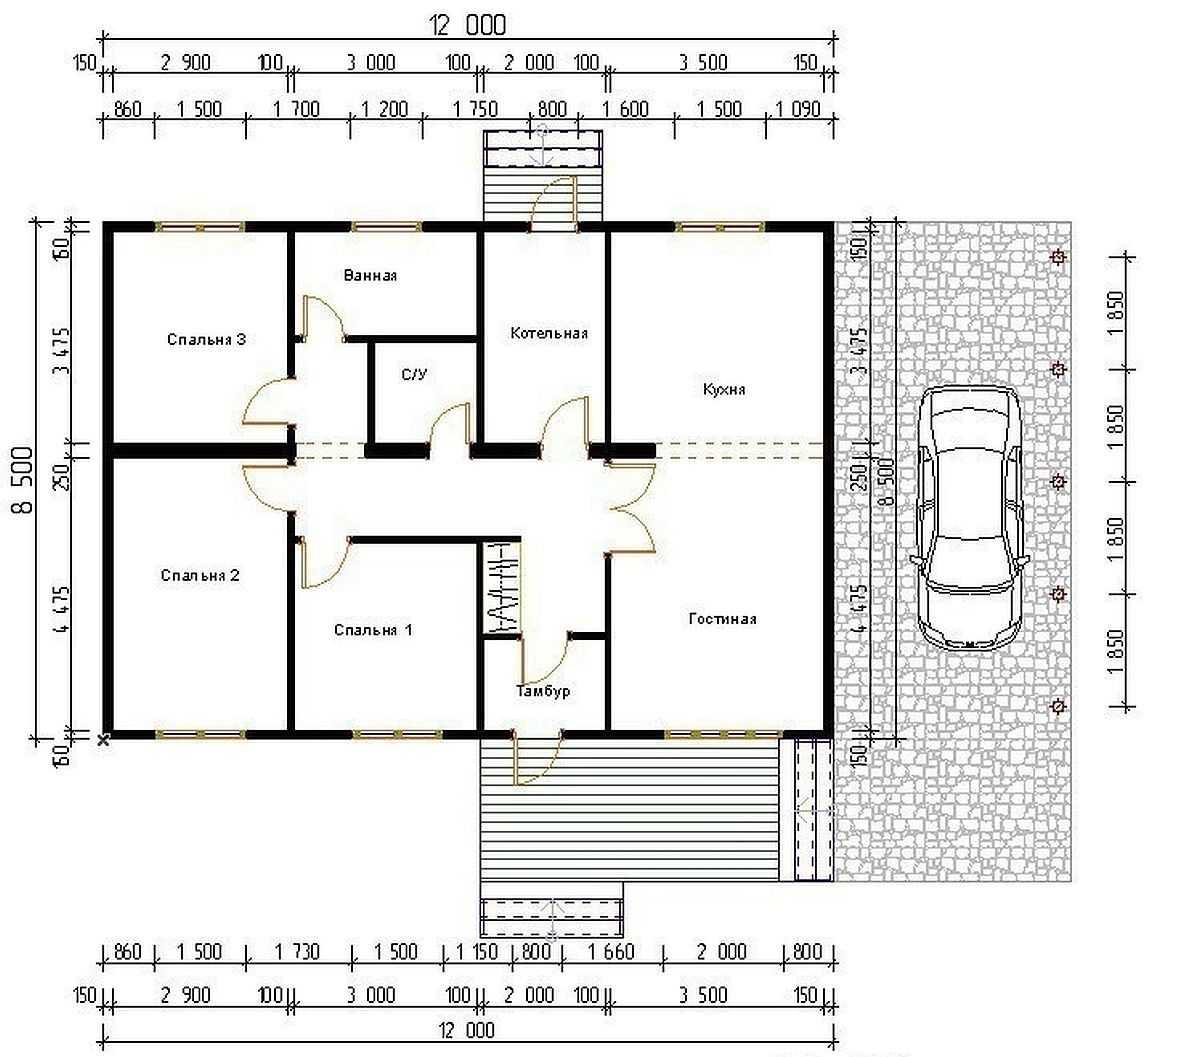 Проекты одноэтажных домов бесплатно: чертежи и фото   home-ideas.ru